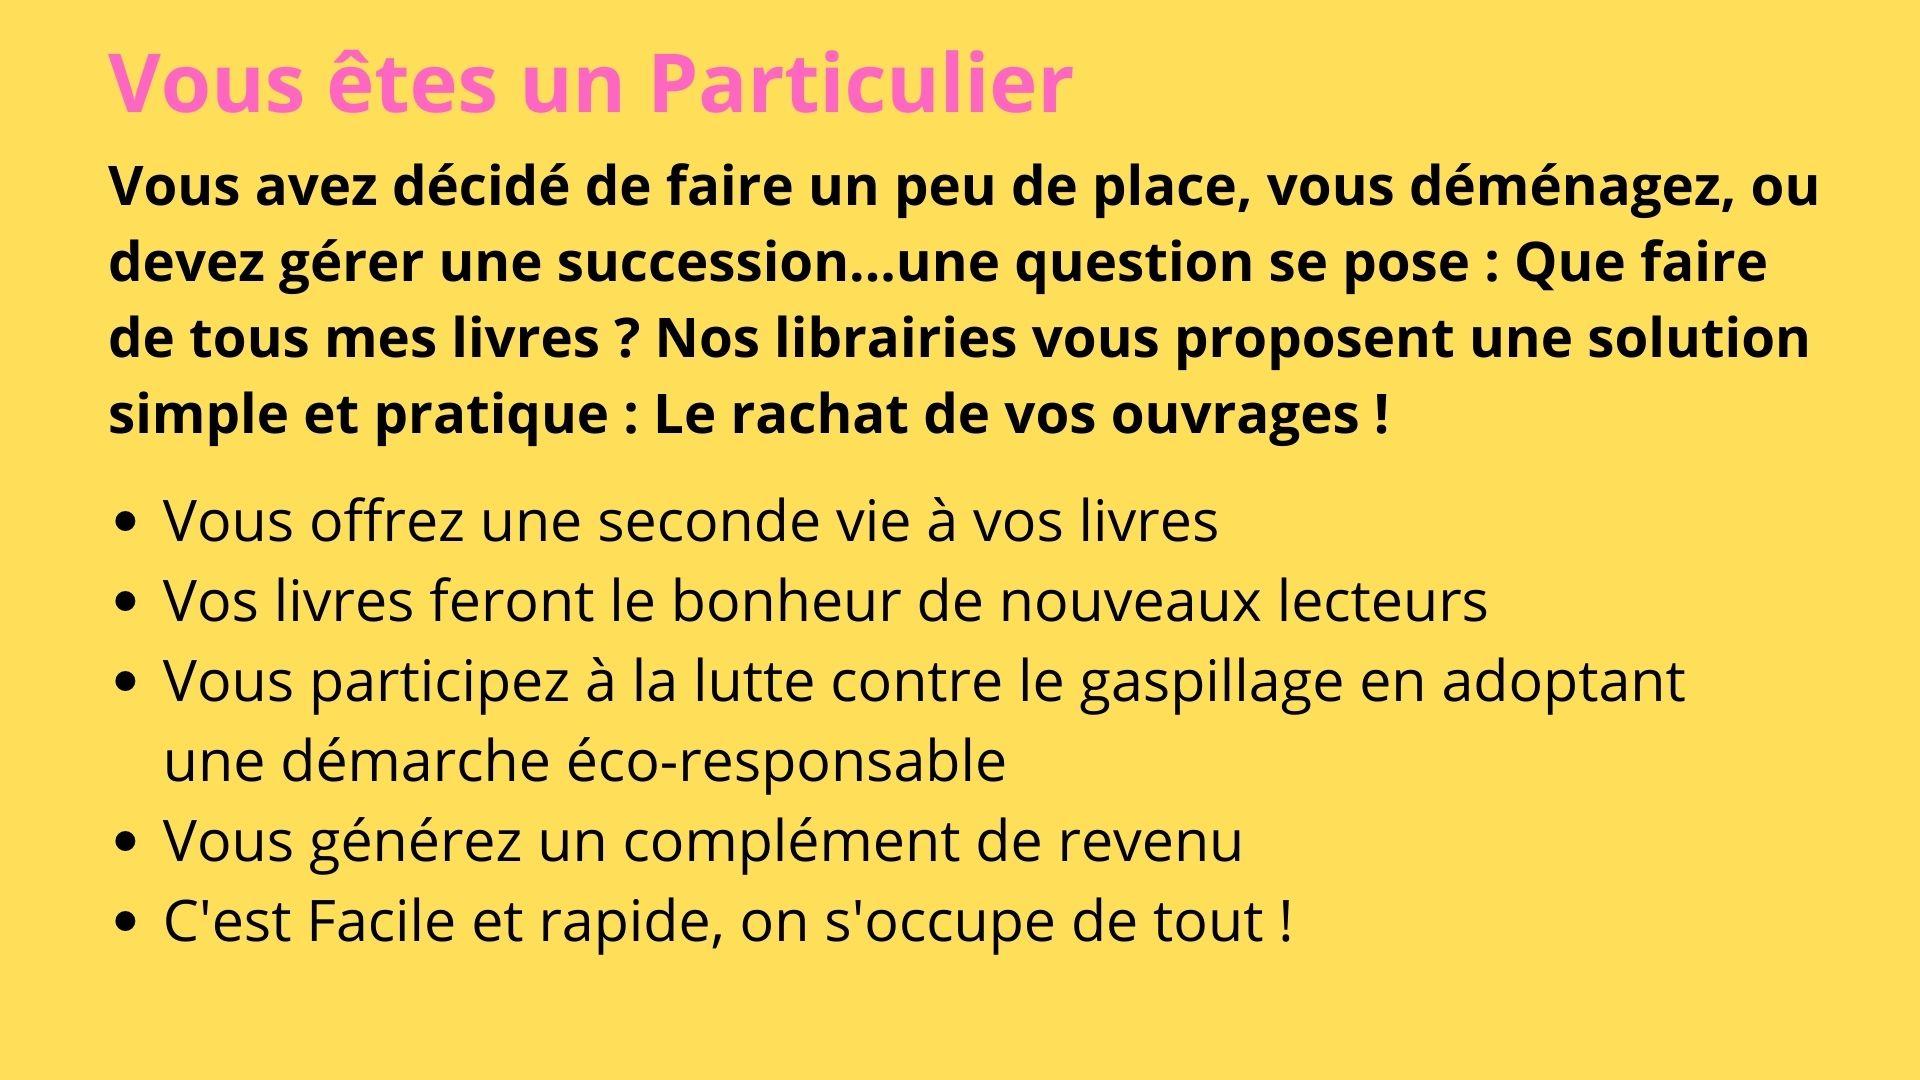 Vendez nous vos livres